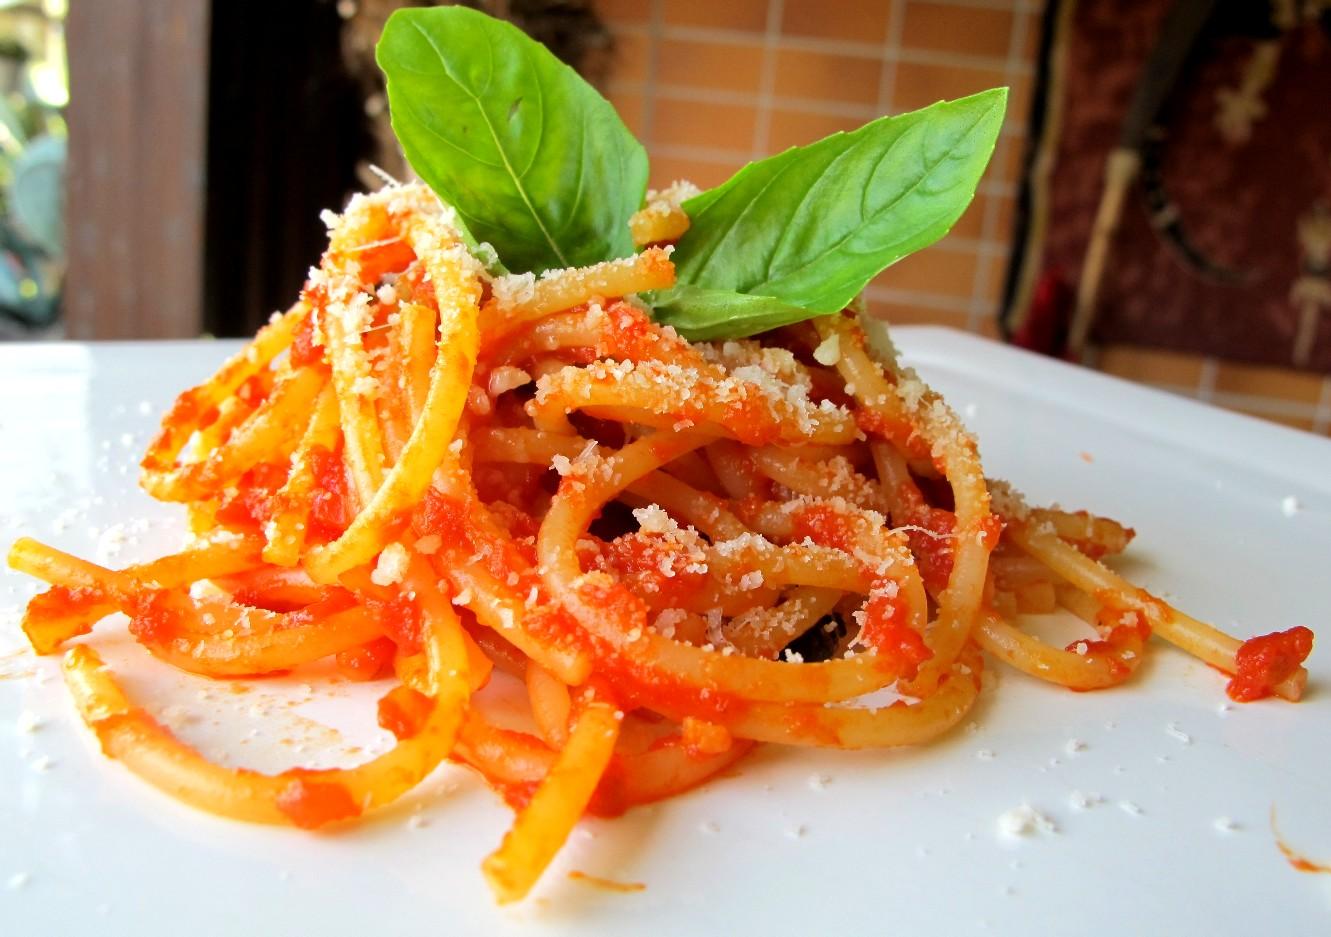 ... fare un ottimo piatto di spaghetti al pomodoro fresco per due persone